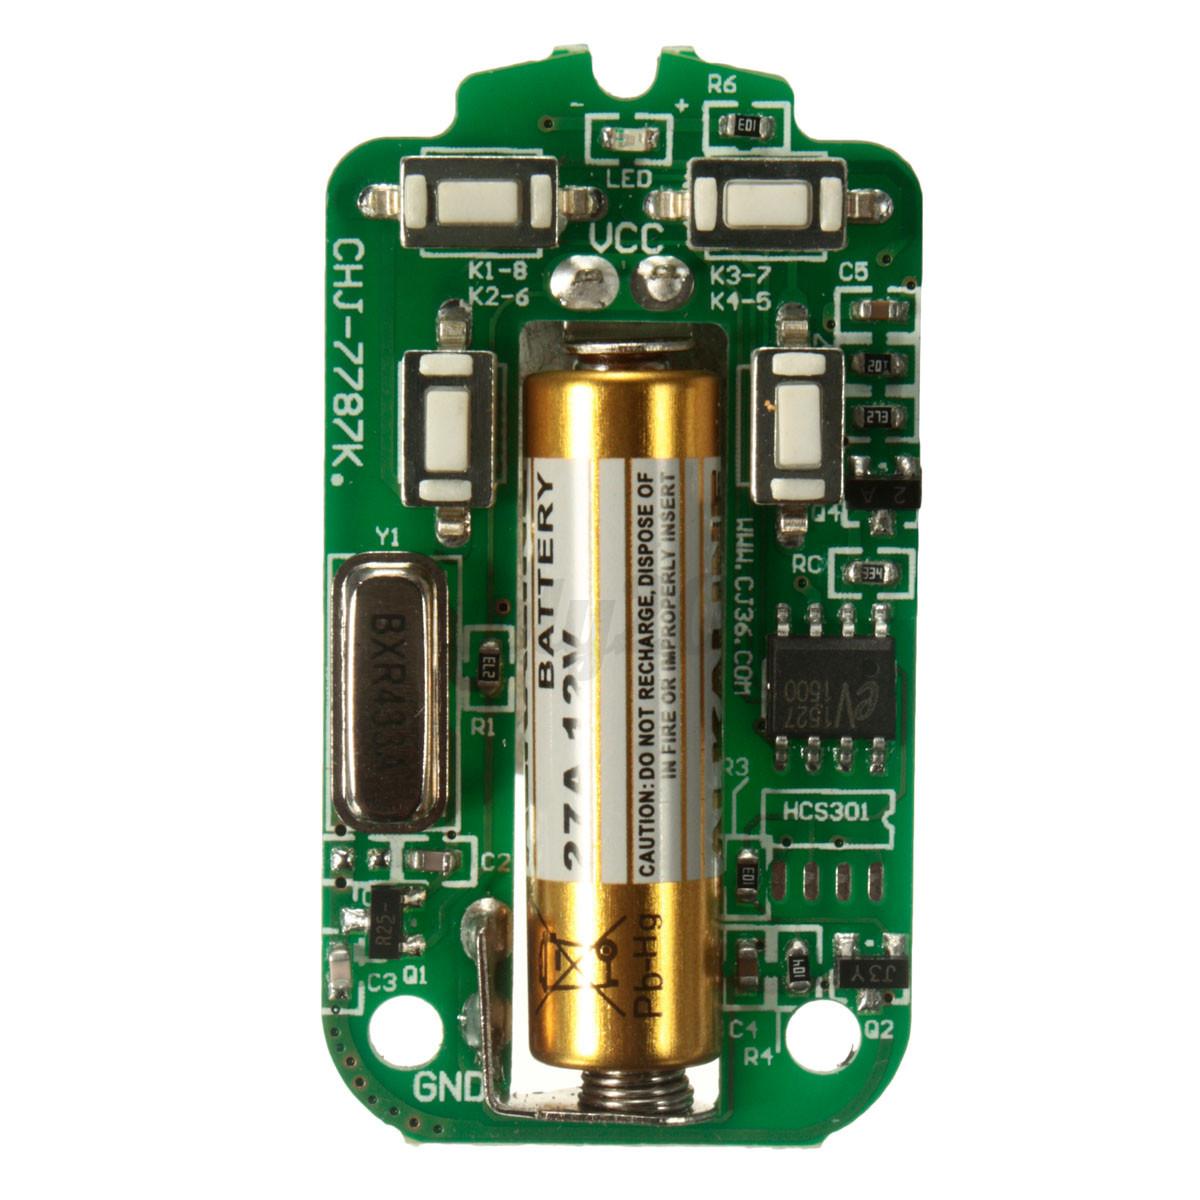 Universal 433mhz Wireless Gate Garage Door Opener Remote